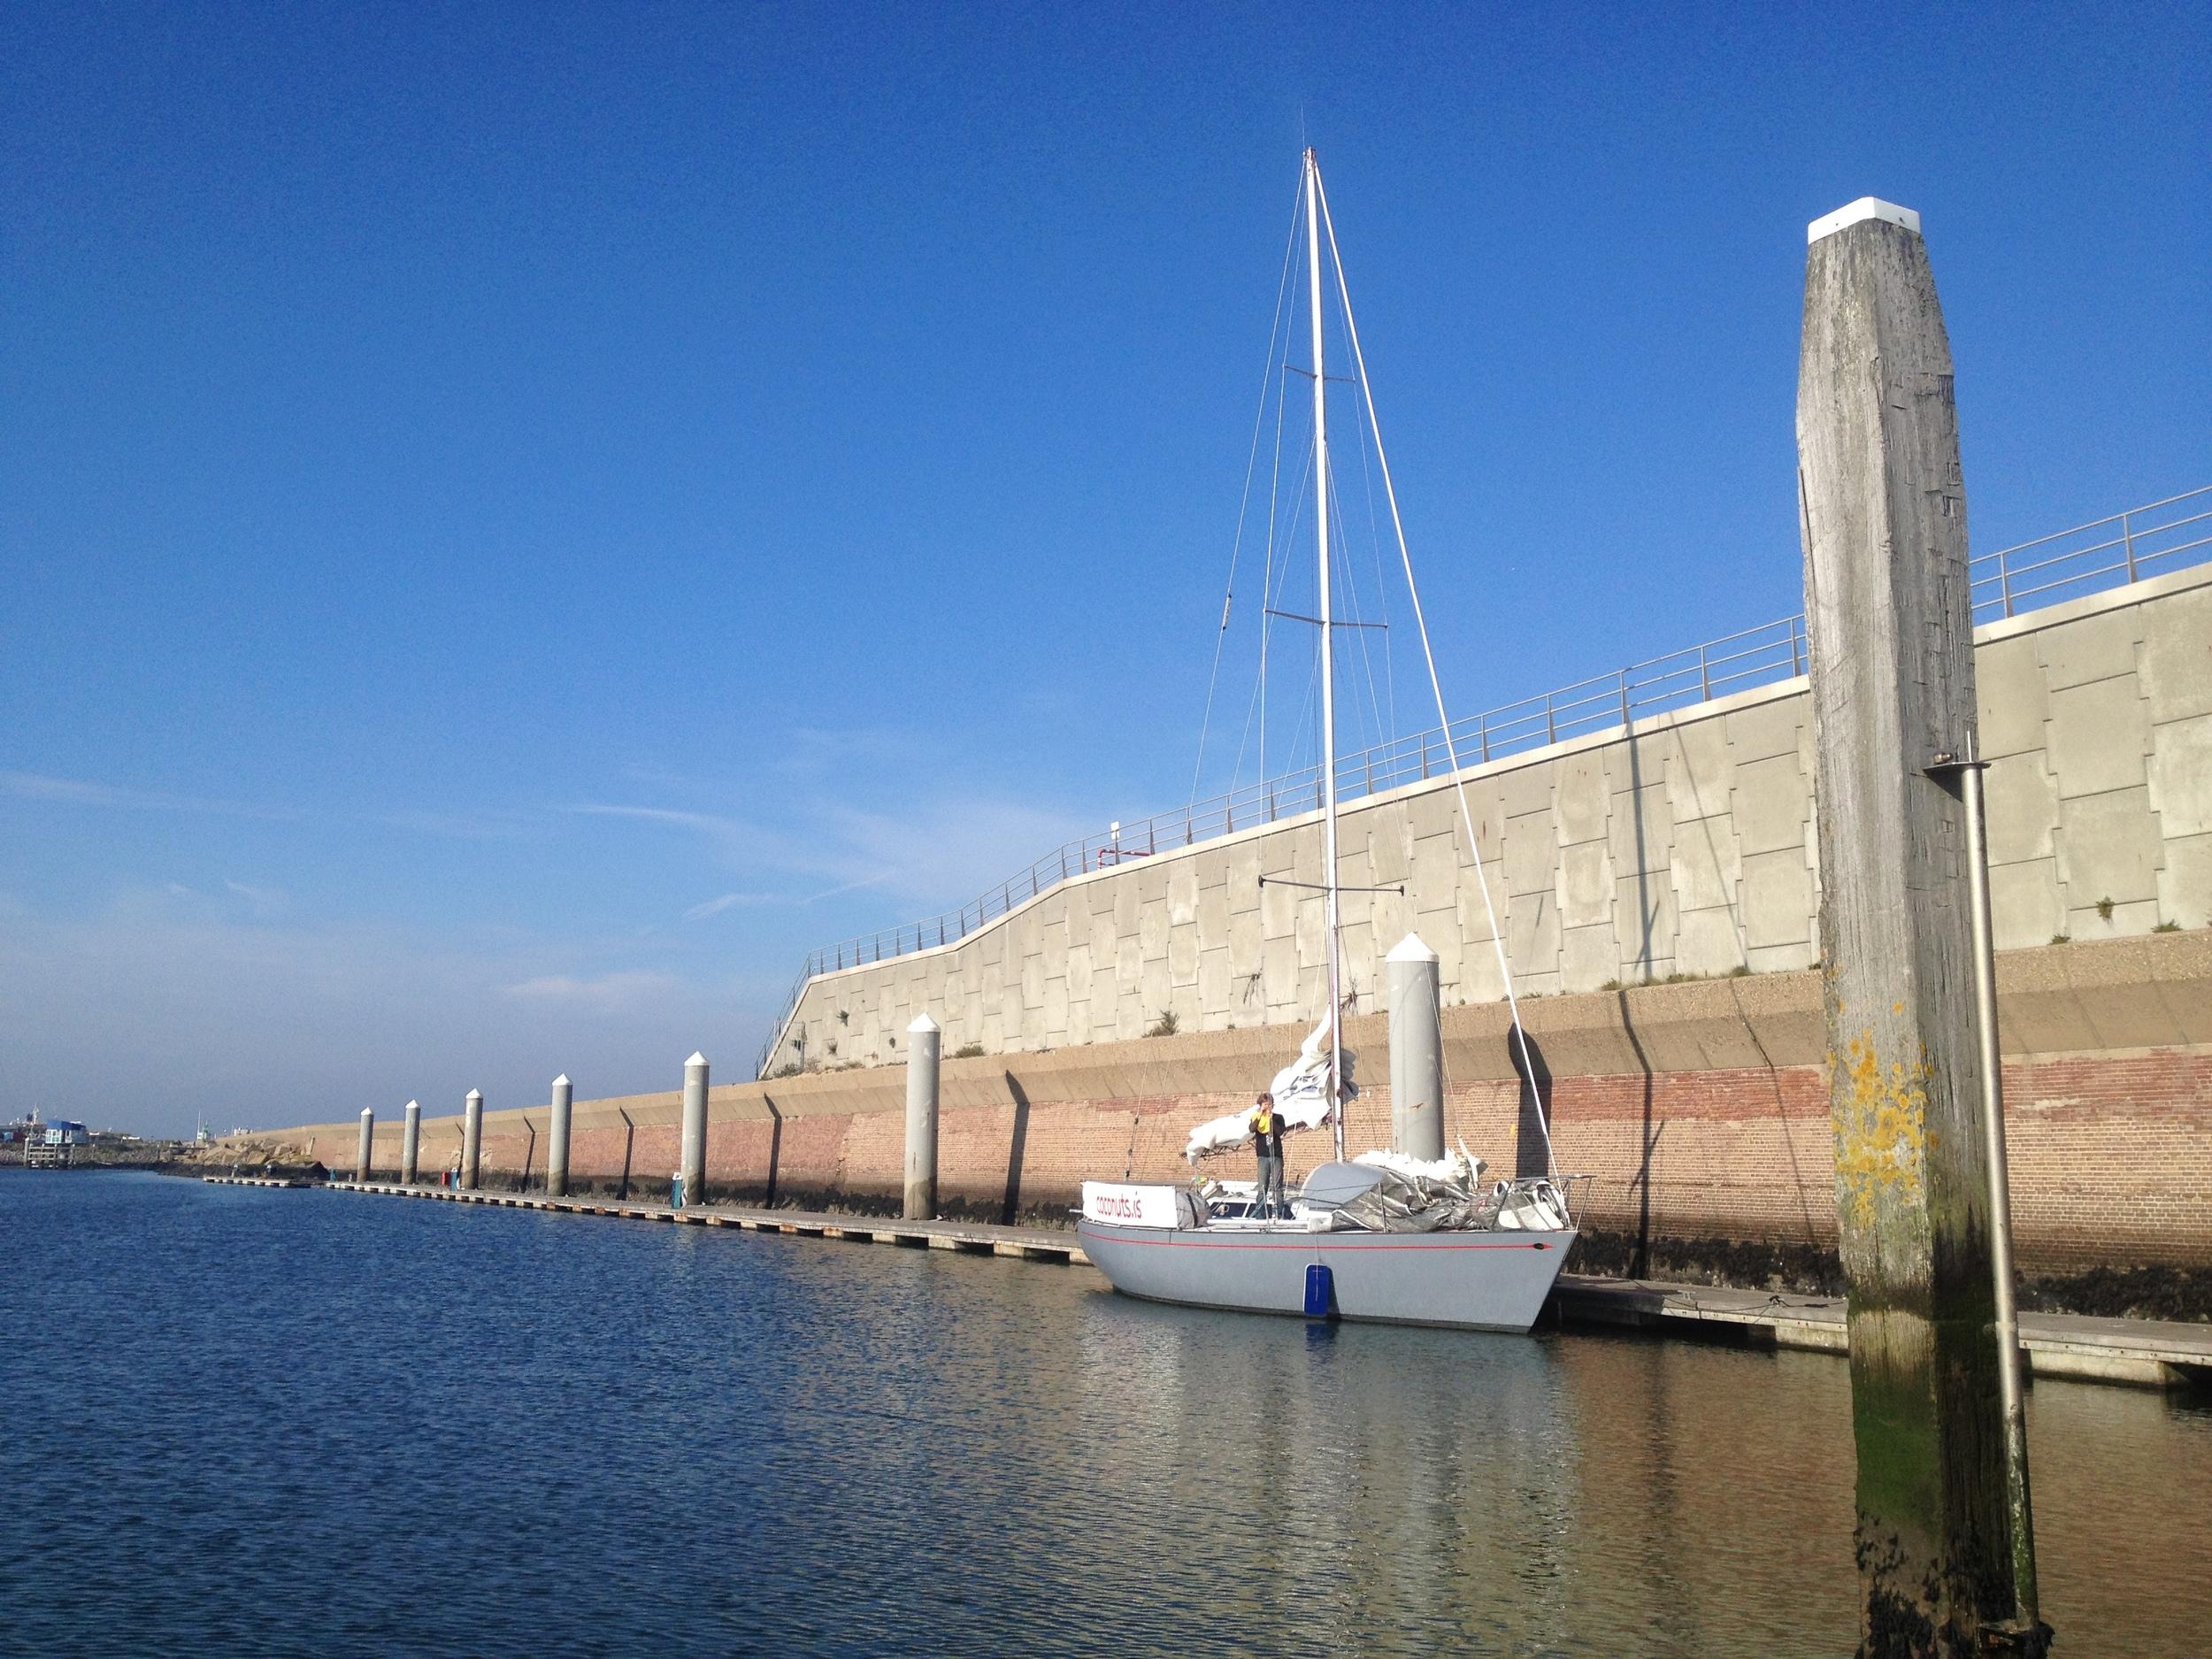 Berth at Seaport Marina, Netherlands